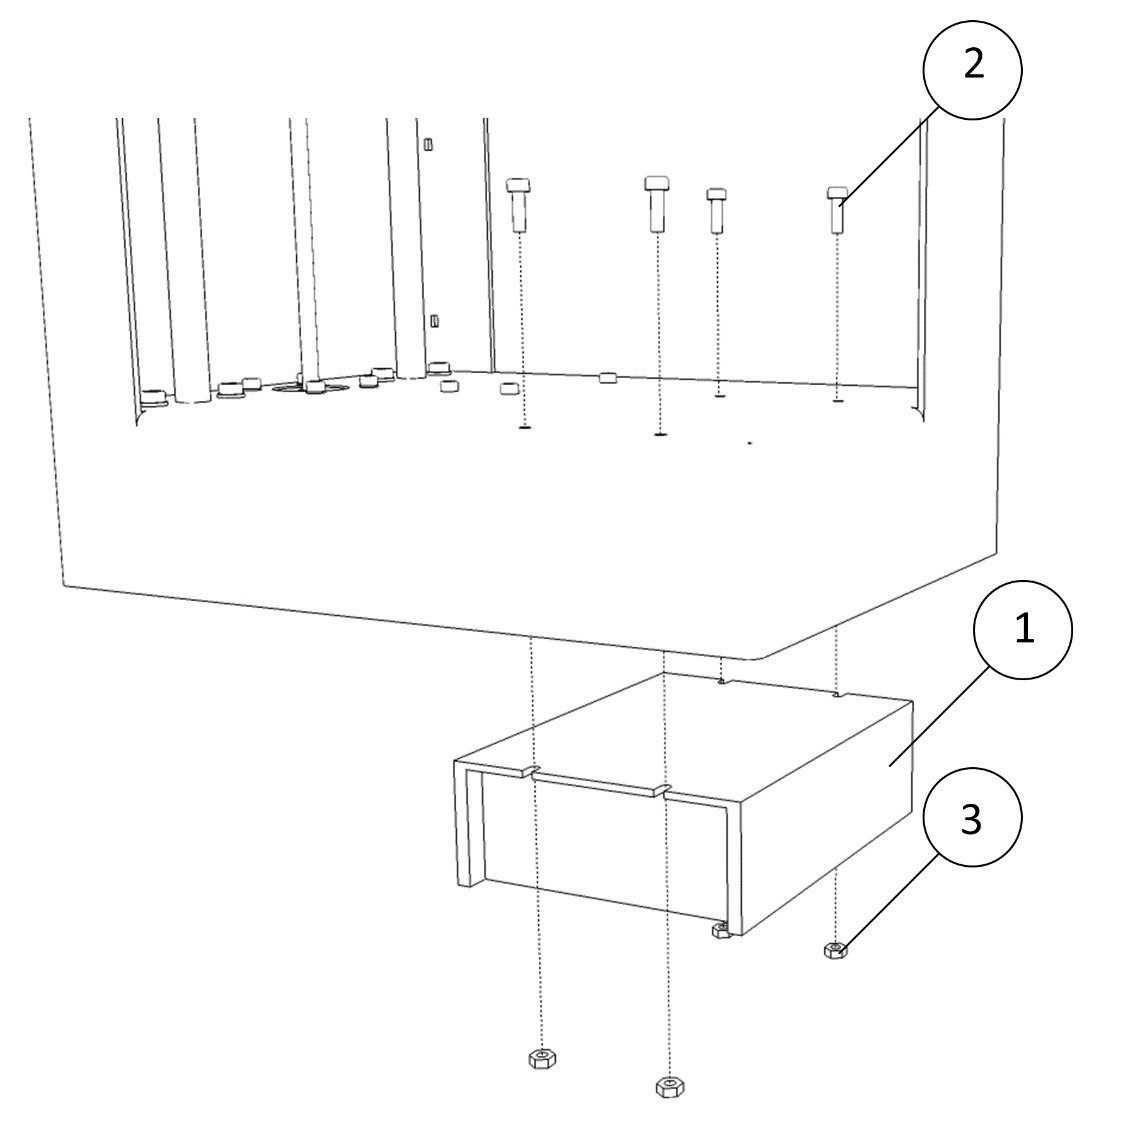 Инструкция по сборке 3D принтера Prism Uni(часть 2-электрика) - 2